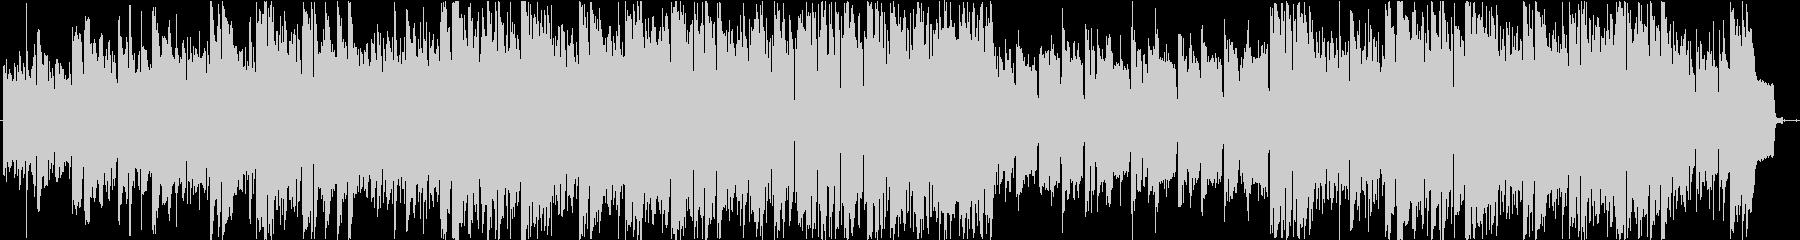 アメリカンサークルコード。の未再生の波形